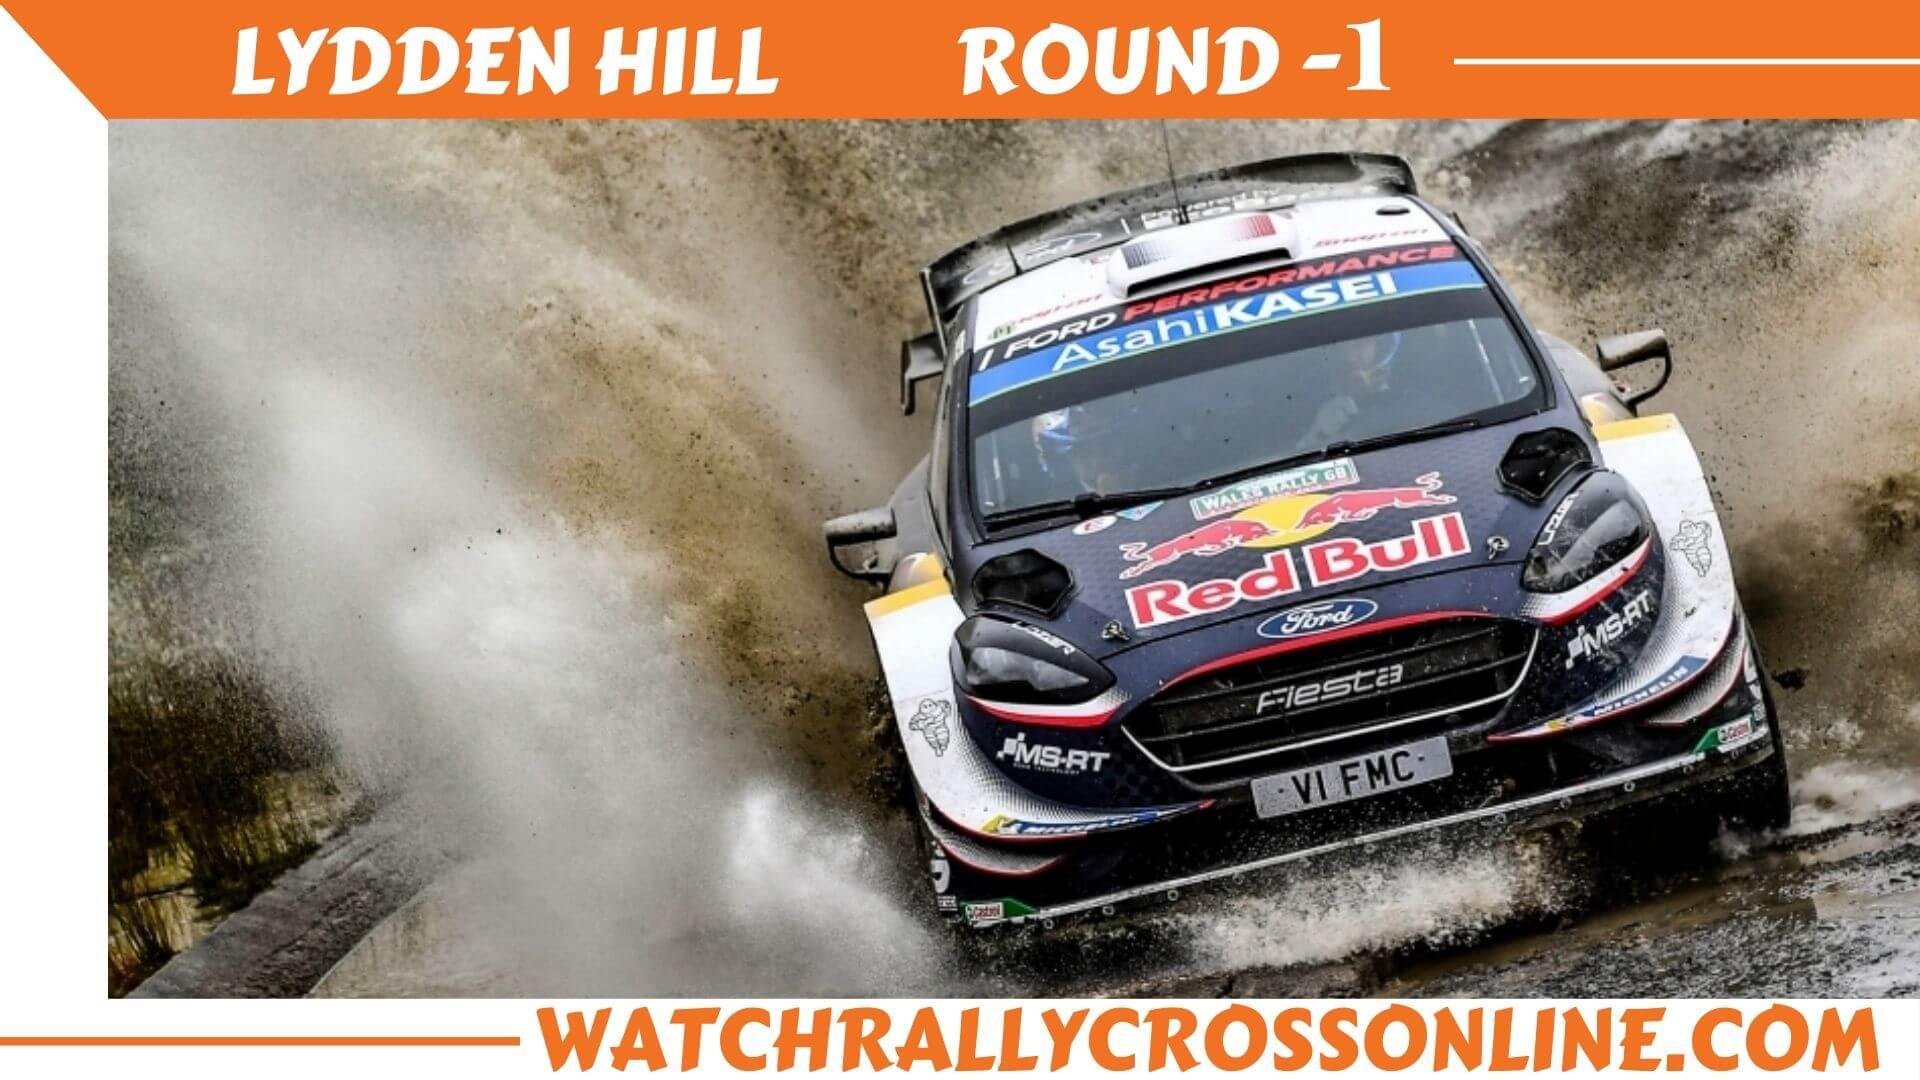 Lydden Hill BRX 2020 Live Stream | Round 1